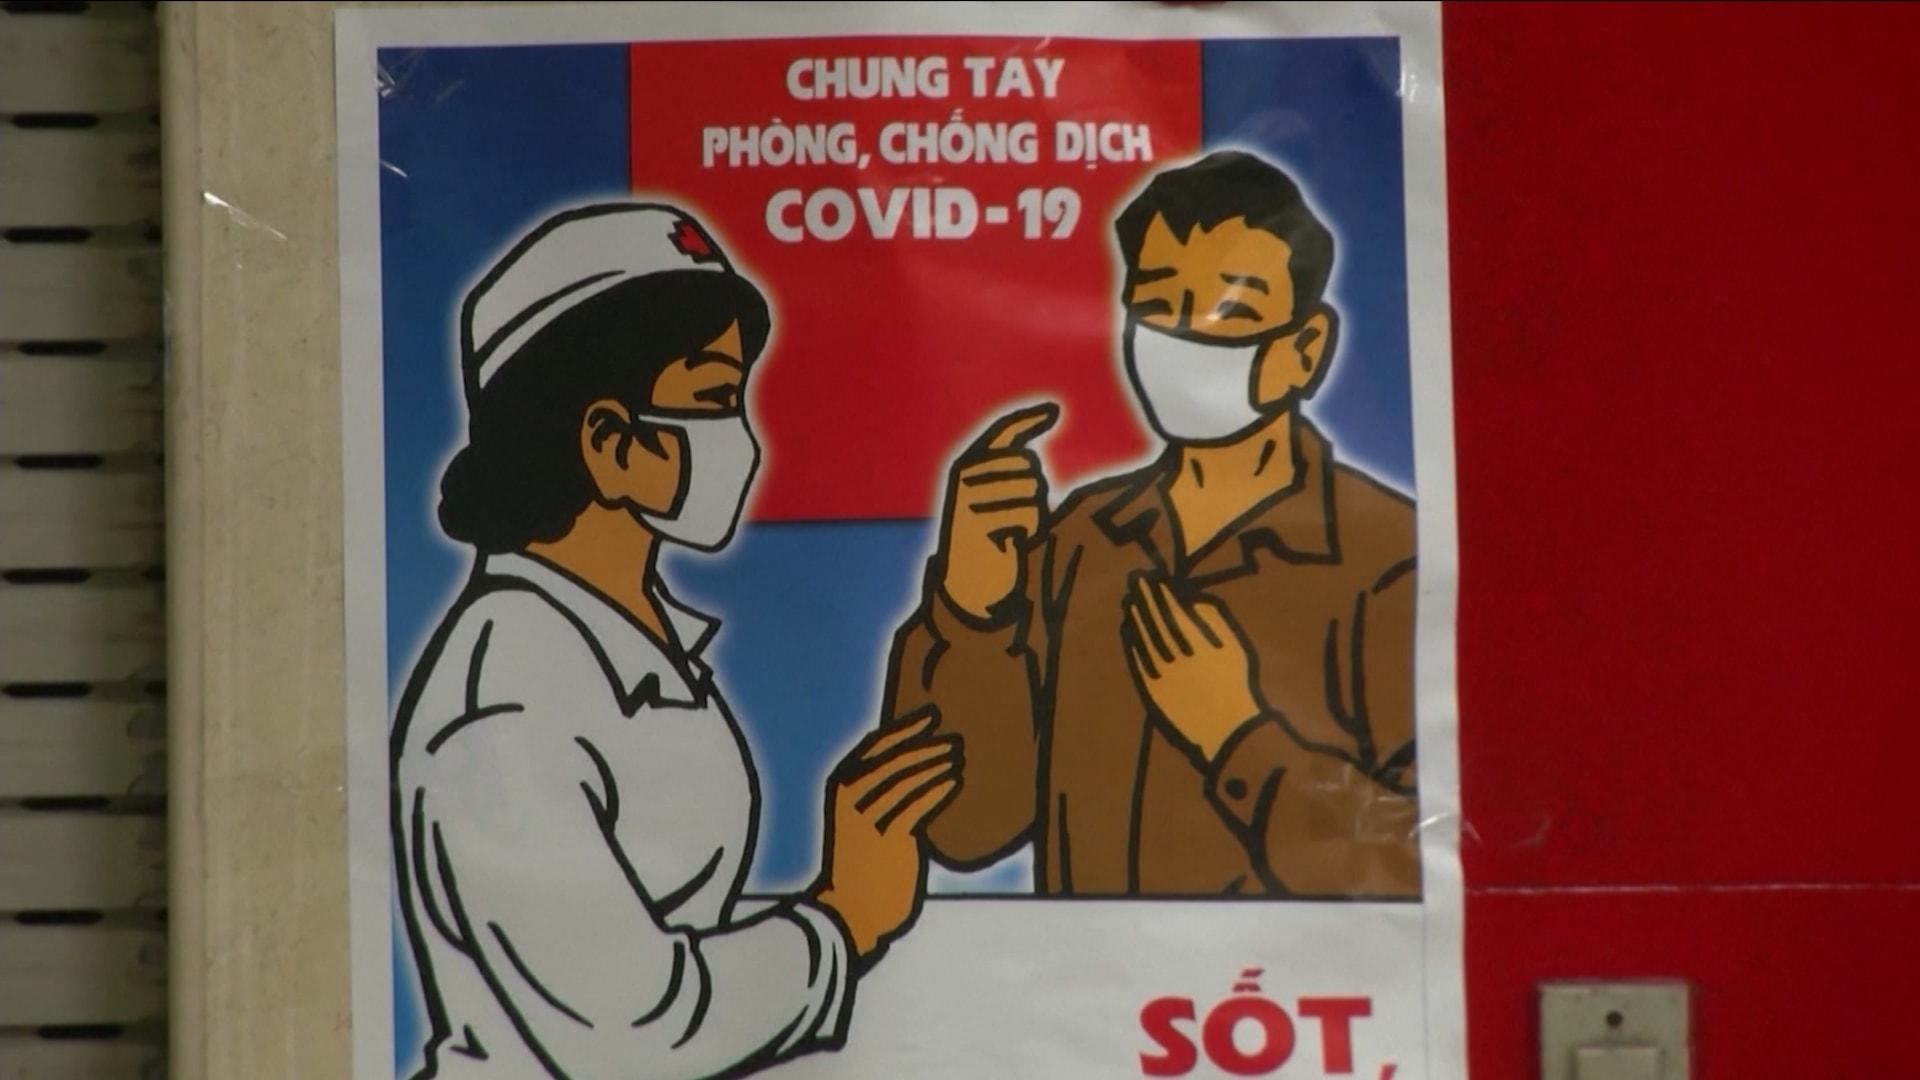 فيتنام ليس لديها حتى الآن أي وفيات بسبب فيروس كورونا.. ما سبب نجاحها في قمع الفيروس؟